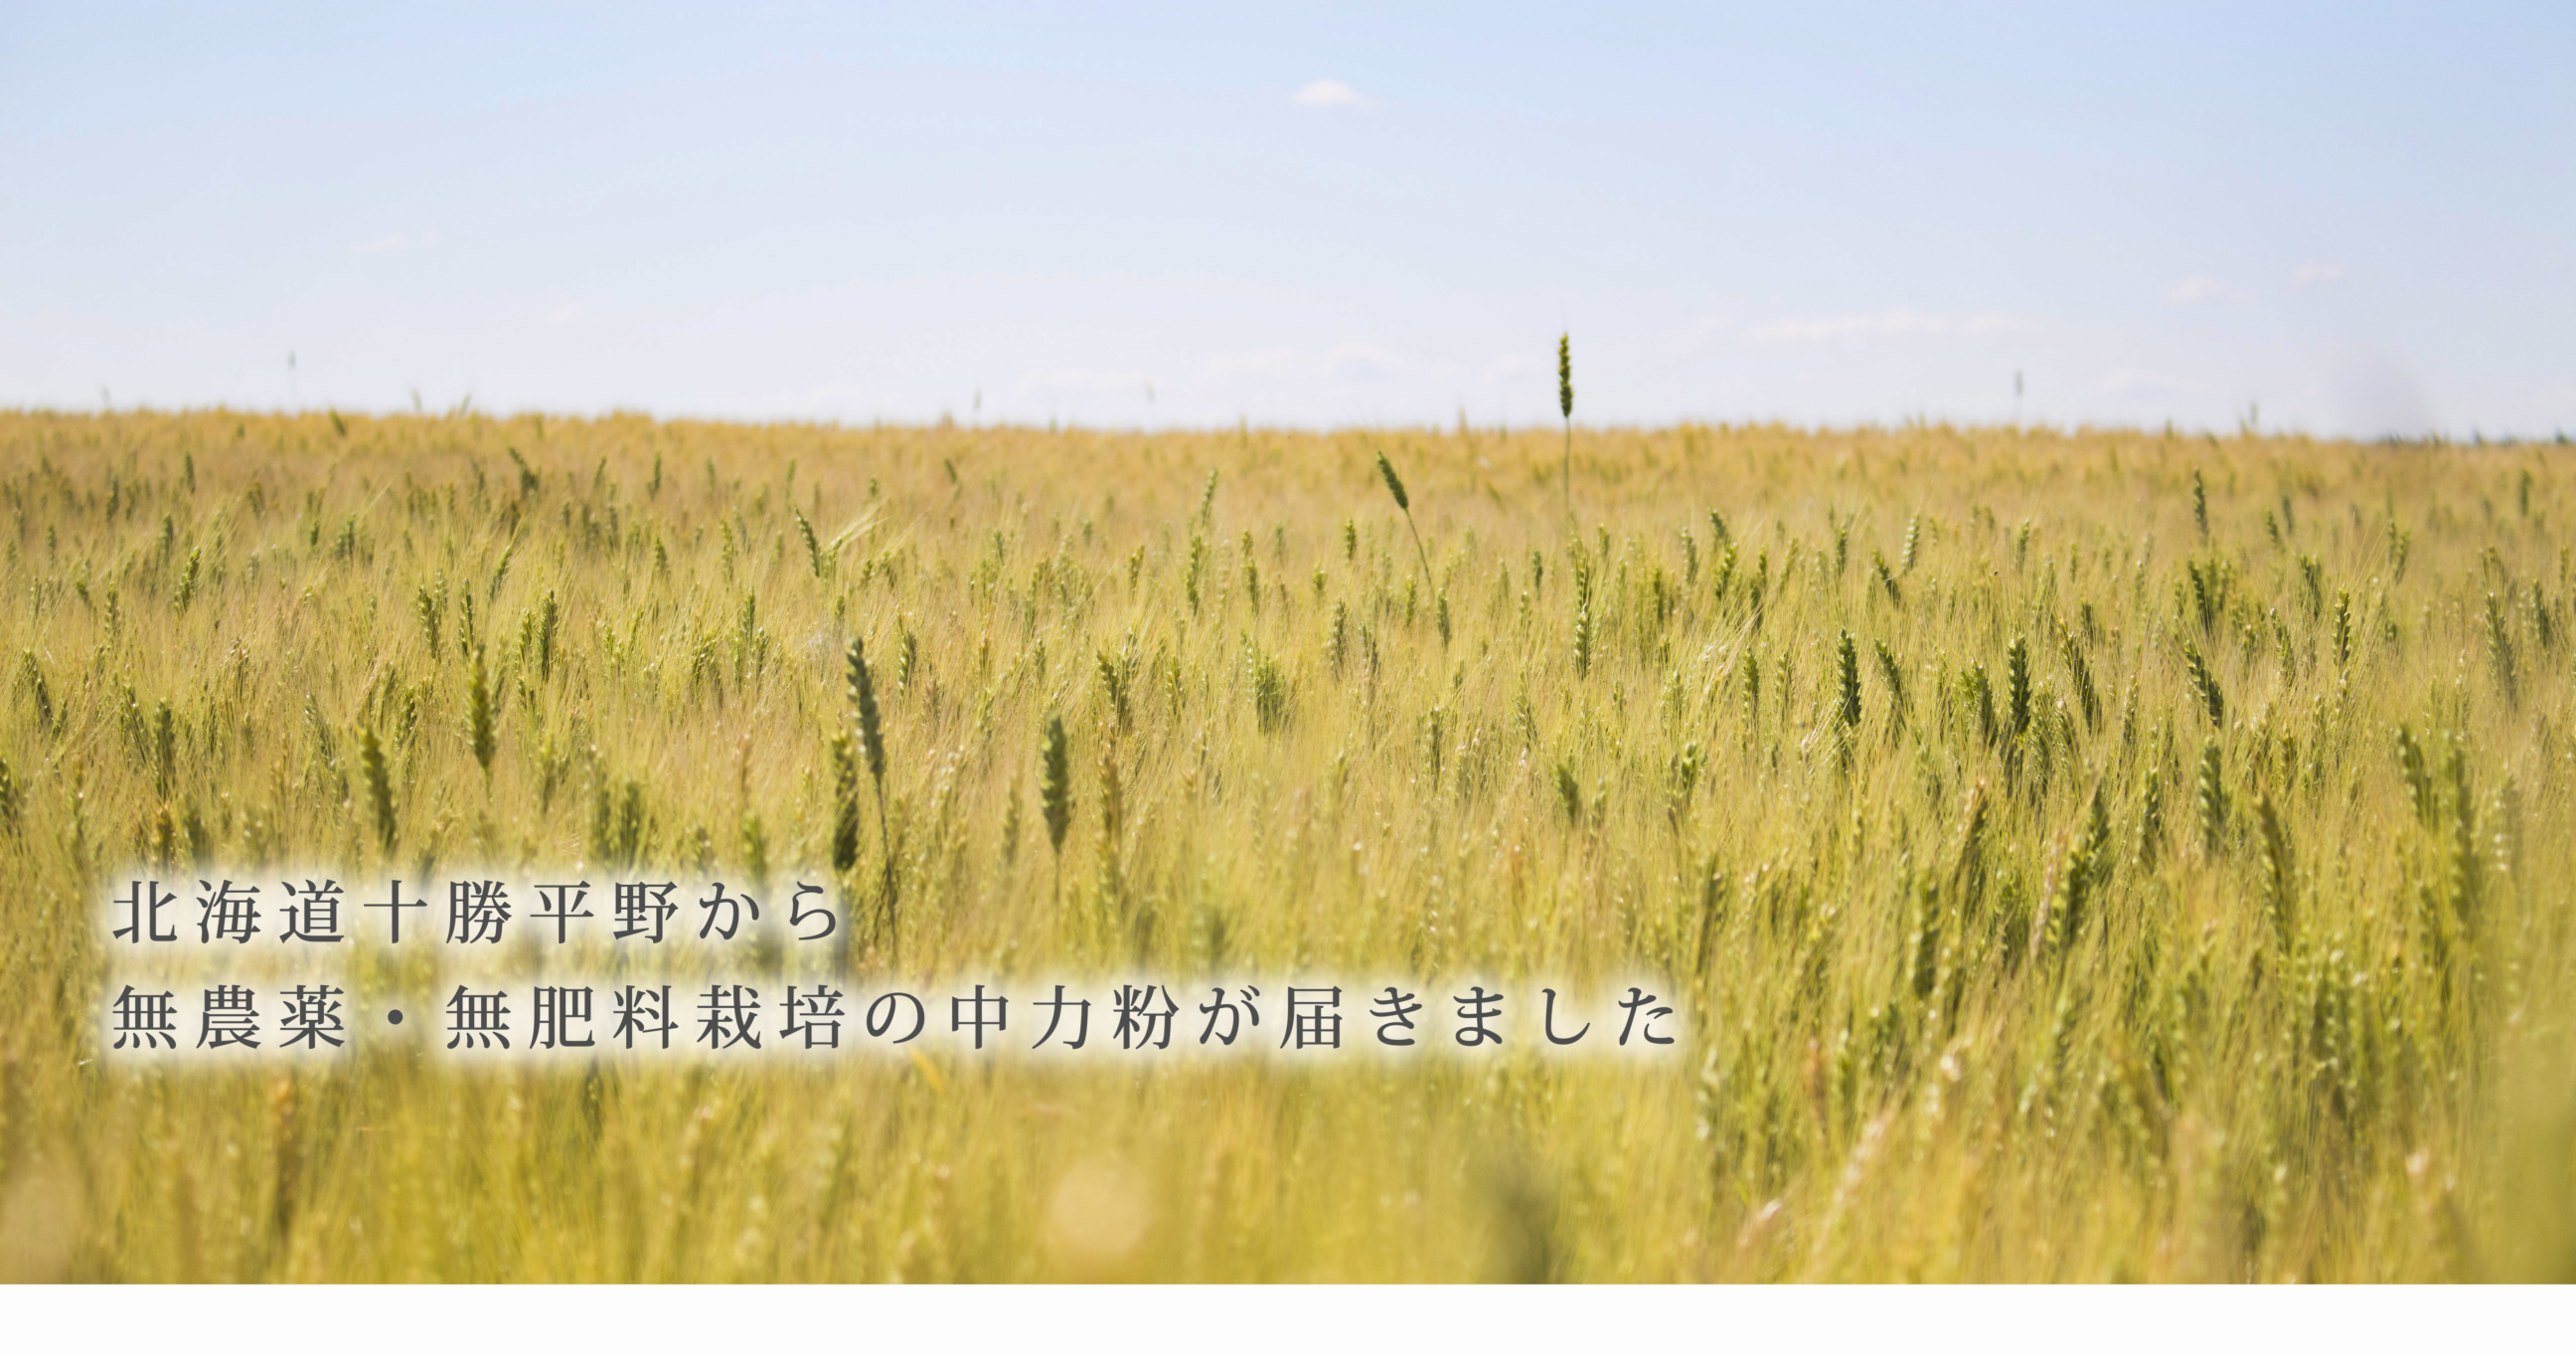 https://gelato-naturale.com/wp-content/uploads/2018/05/tokachiheiya2-2592x1363.jpg